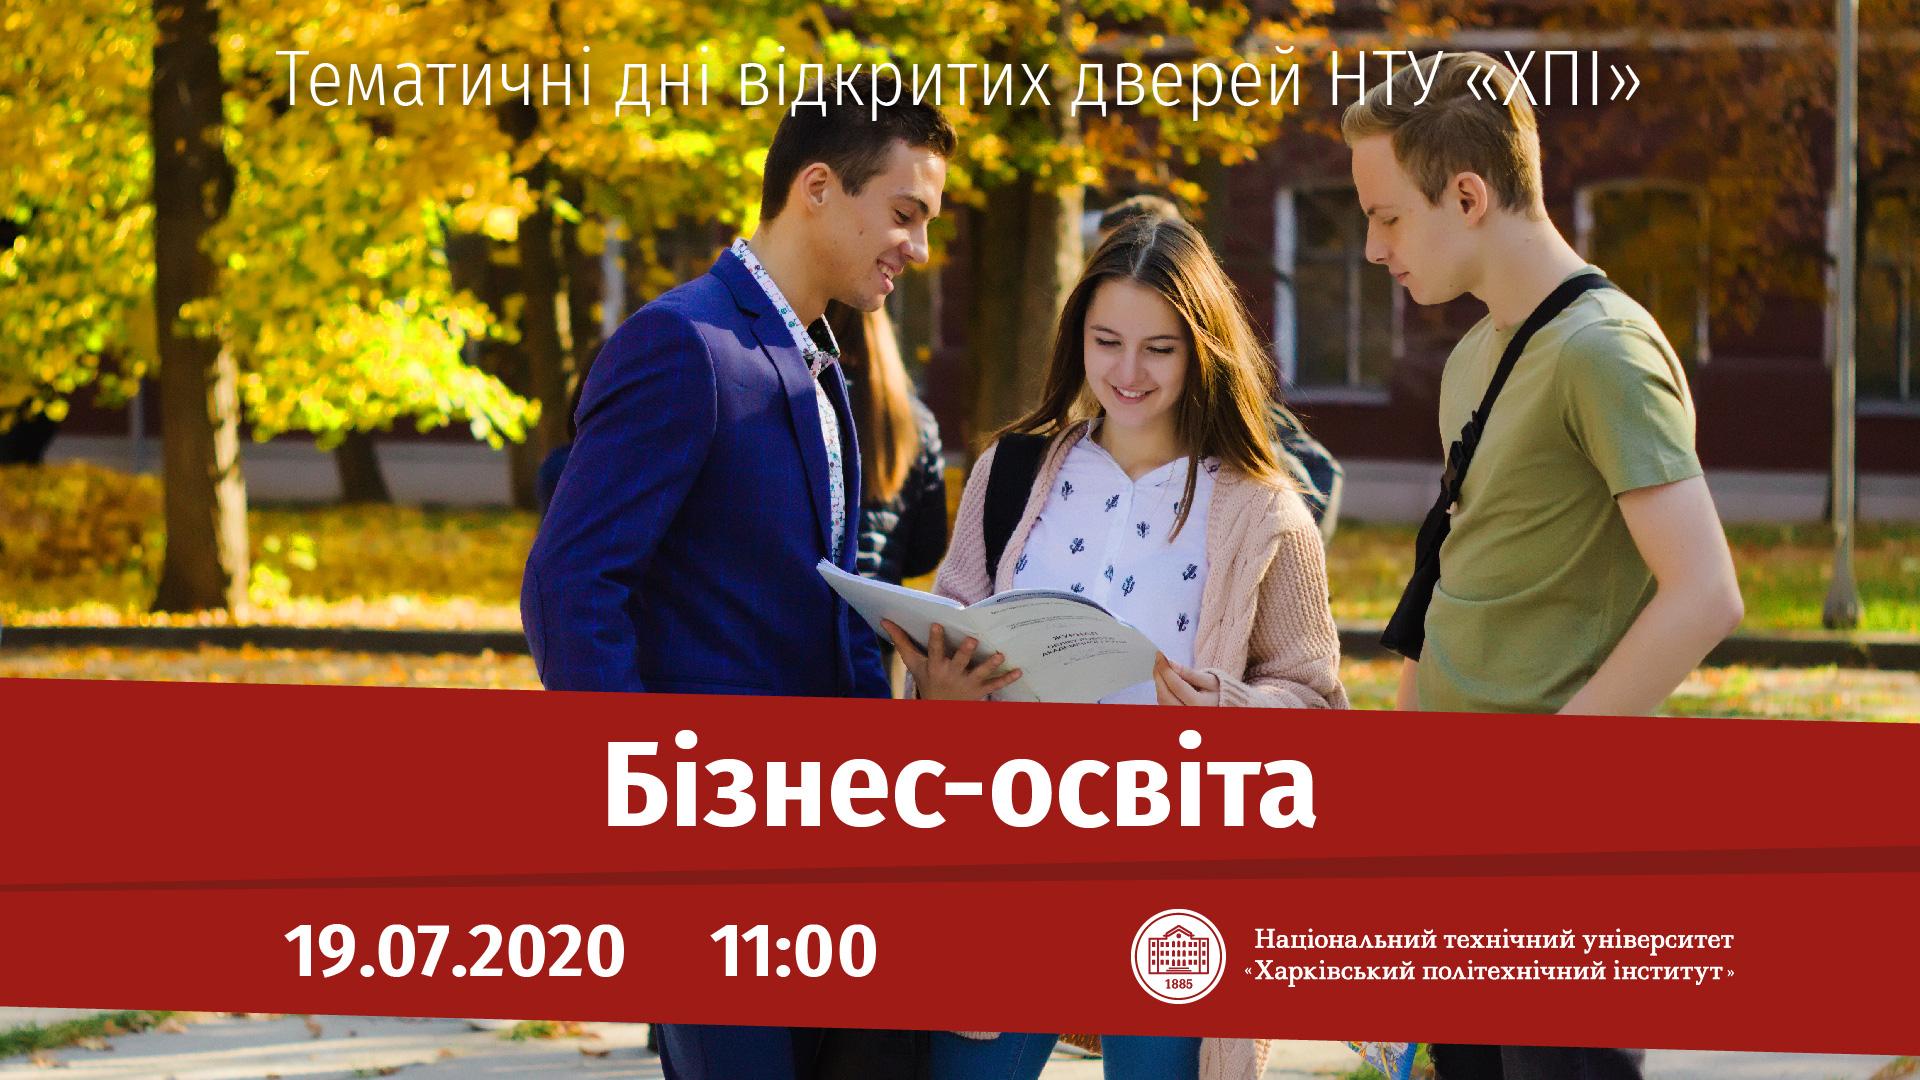 """Онлайн день відкритих дверей НТУ """"ХПІ"""" - Бізнес-освіта"""